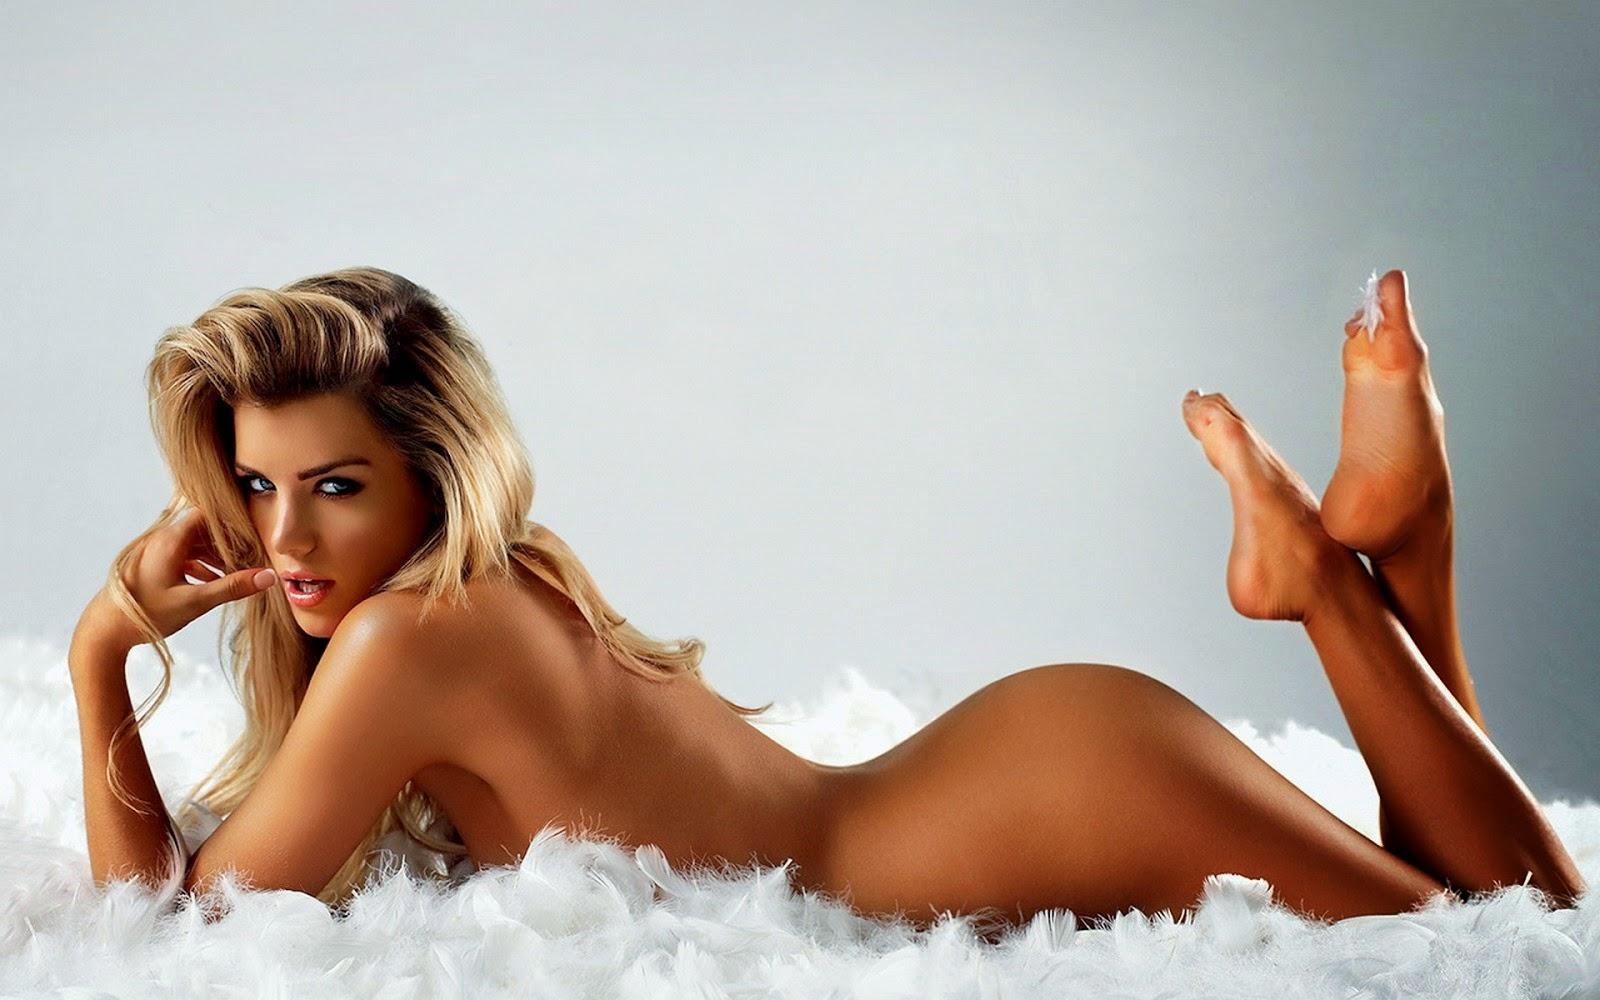 Peliculas X Gratis Sexo en Hawaii con Chasey Lain